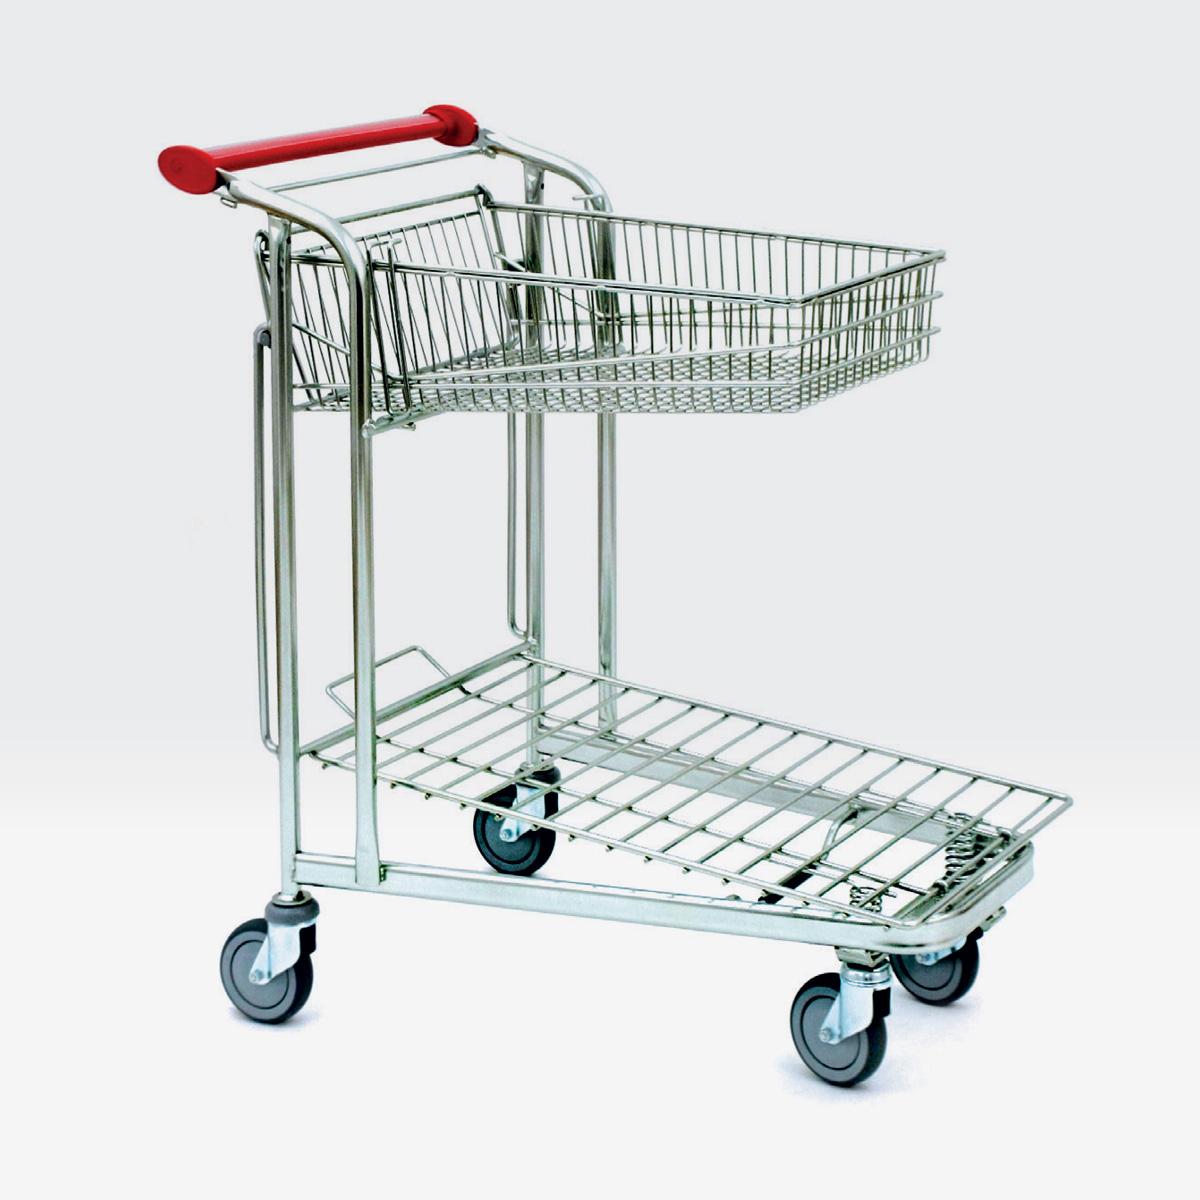 Carrello trasporto merci WTP-3